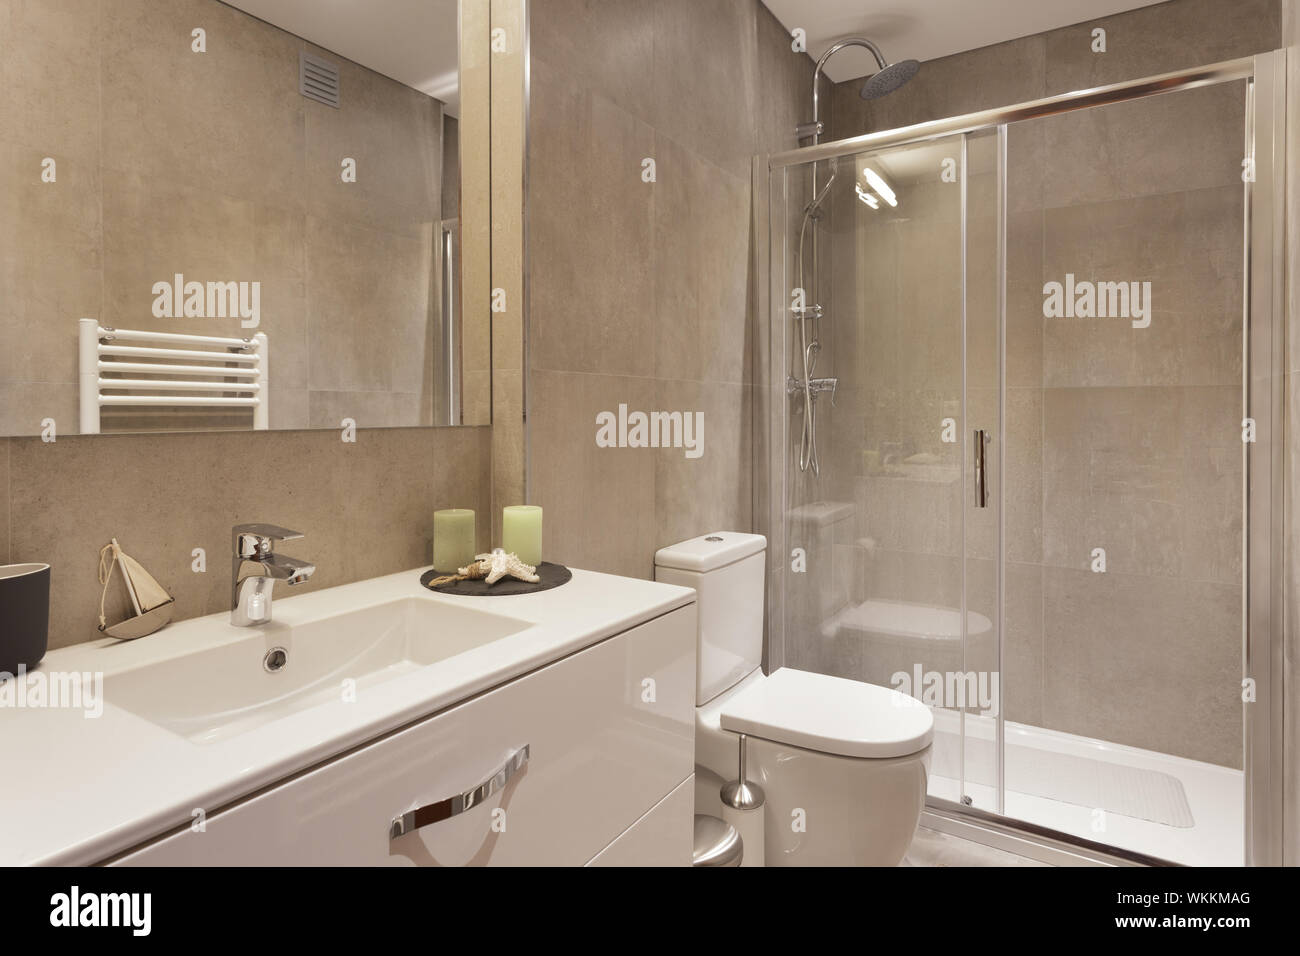 Modernes Bad mit braunen Fliesen Stockfoto, Bild: 270267048 ...